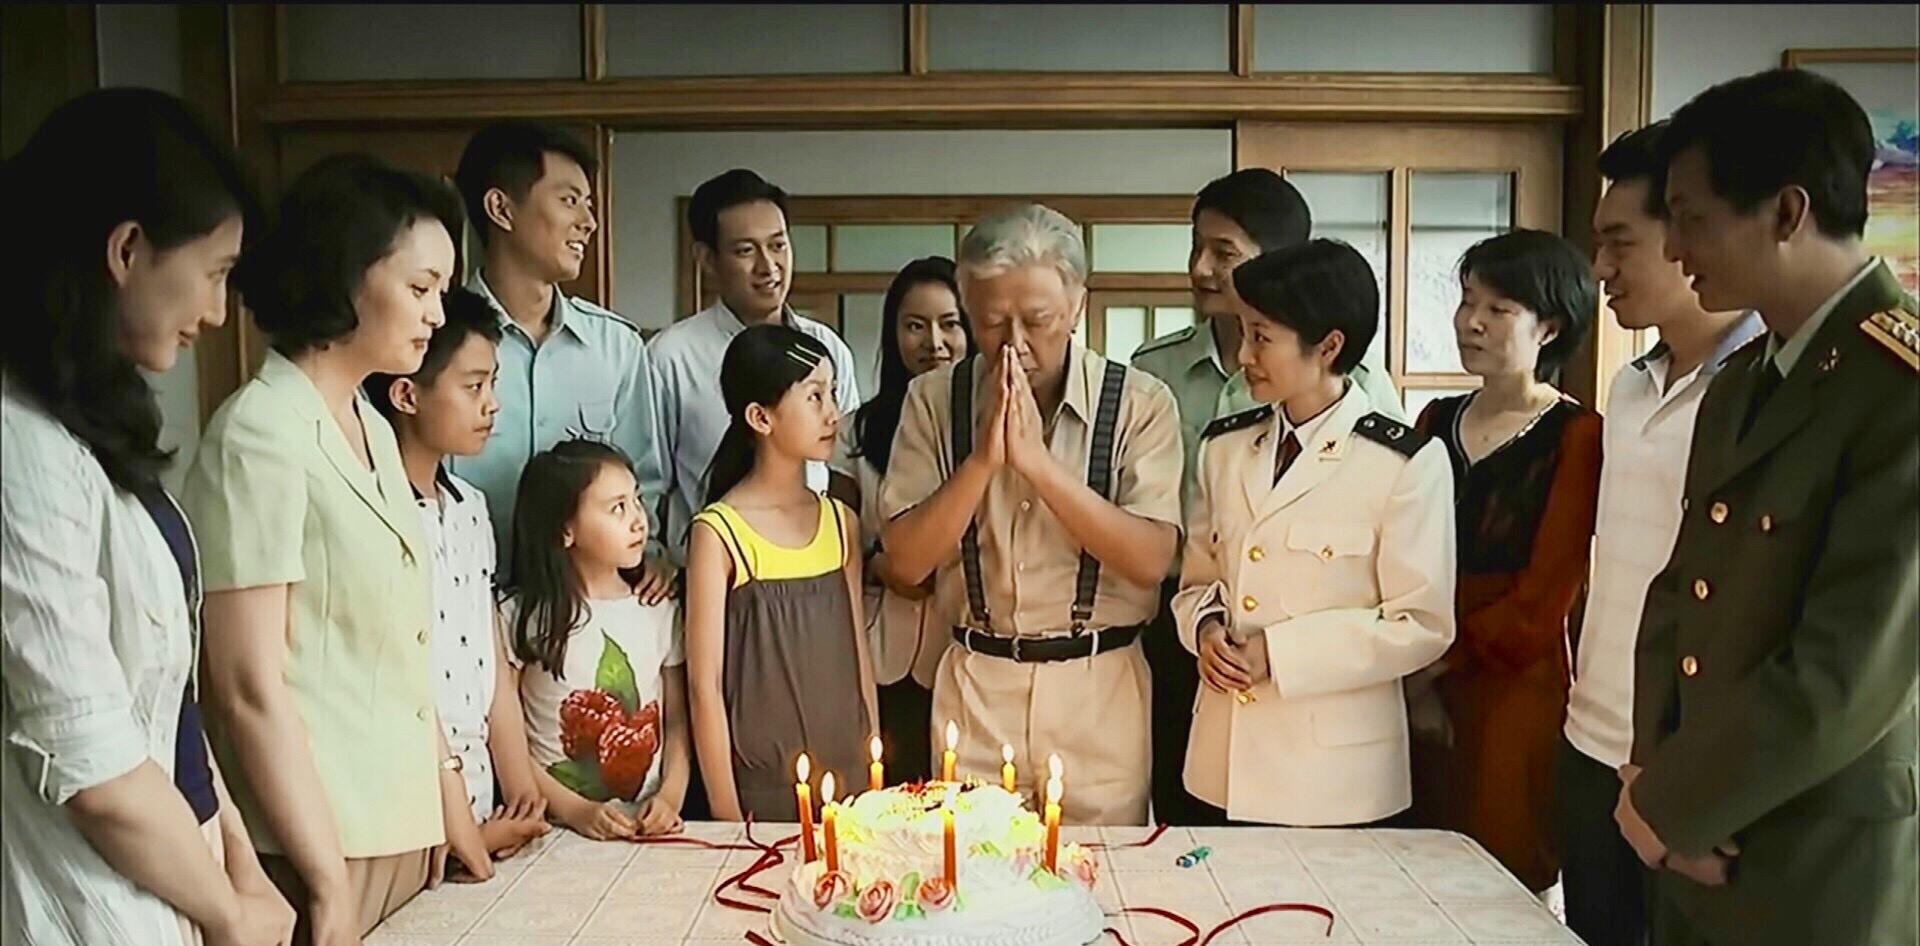 《父母愛情》江德福八十歲生日聚會上的那個白衣少年到底是誰?-圖1